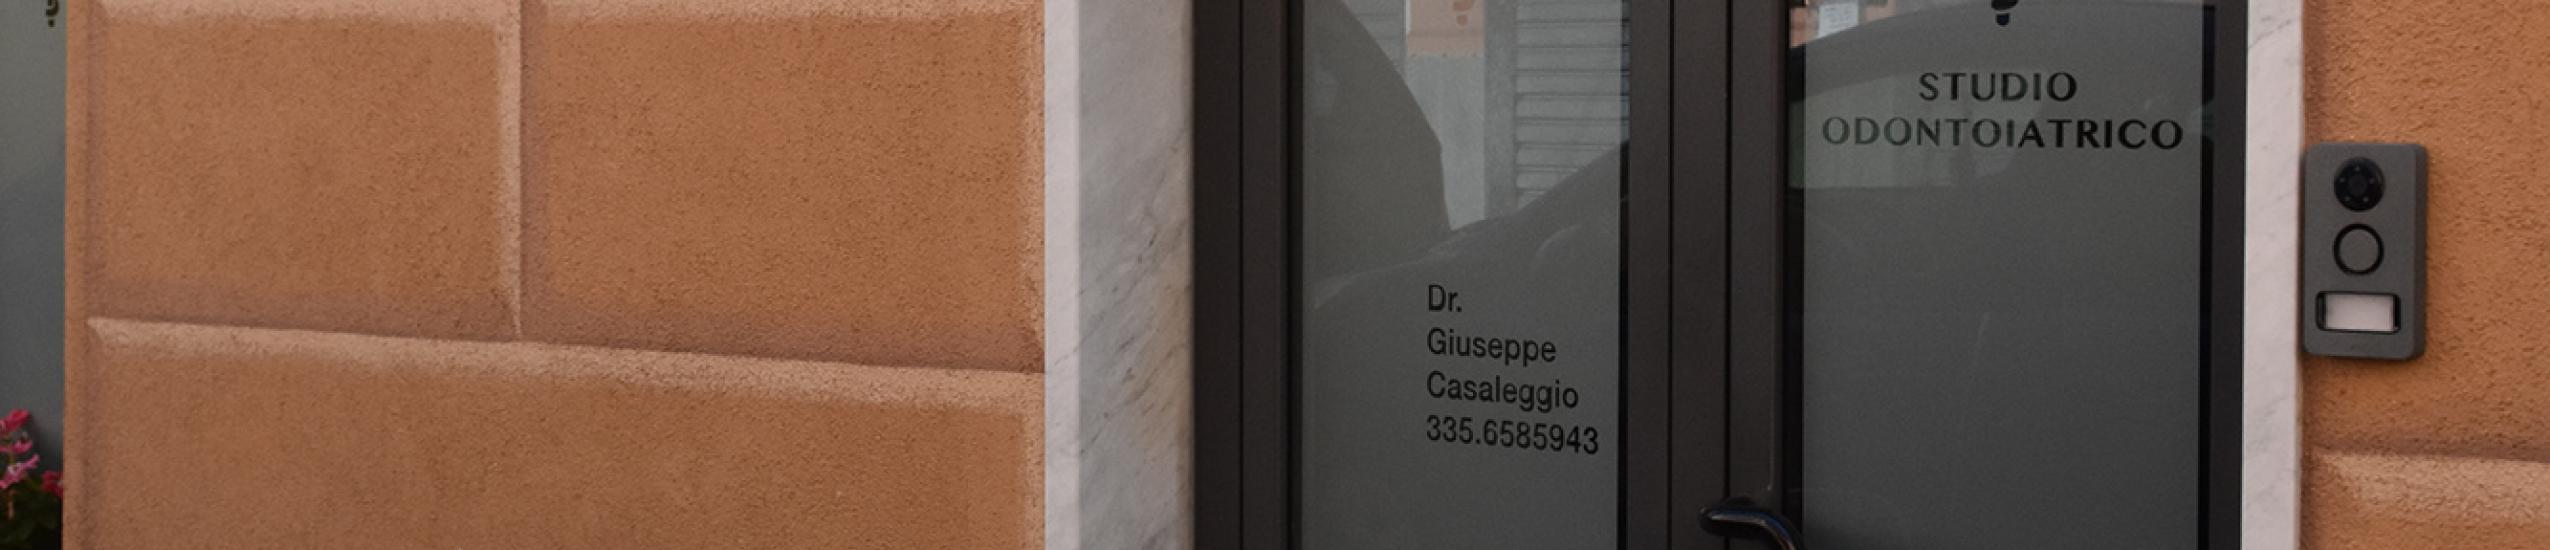 Studio odontoiatrico Casaleggio